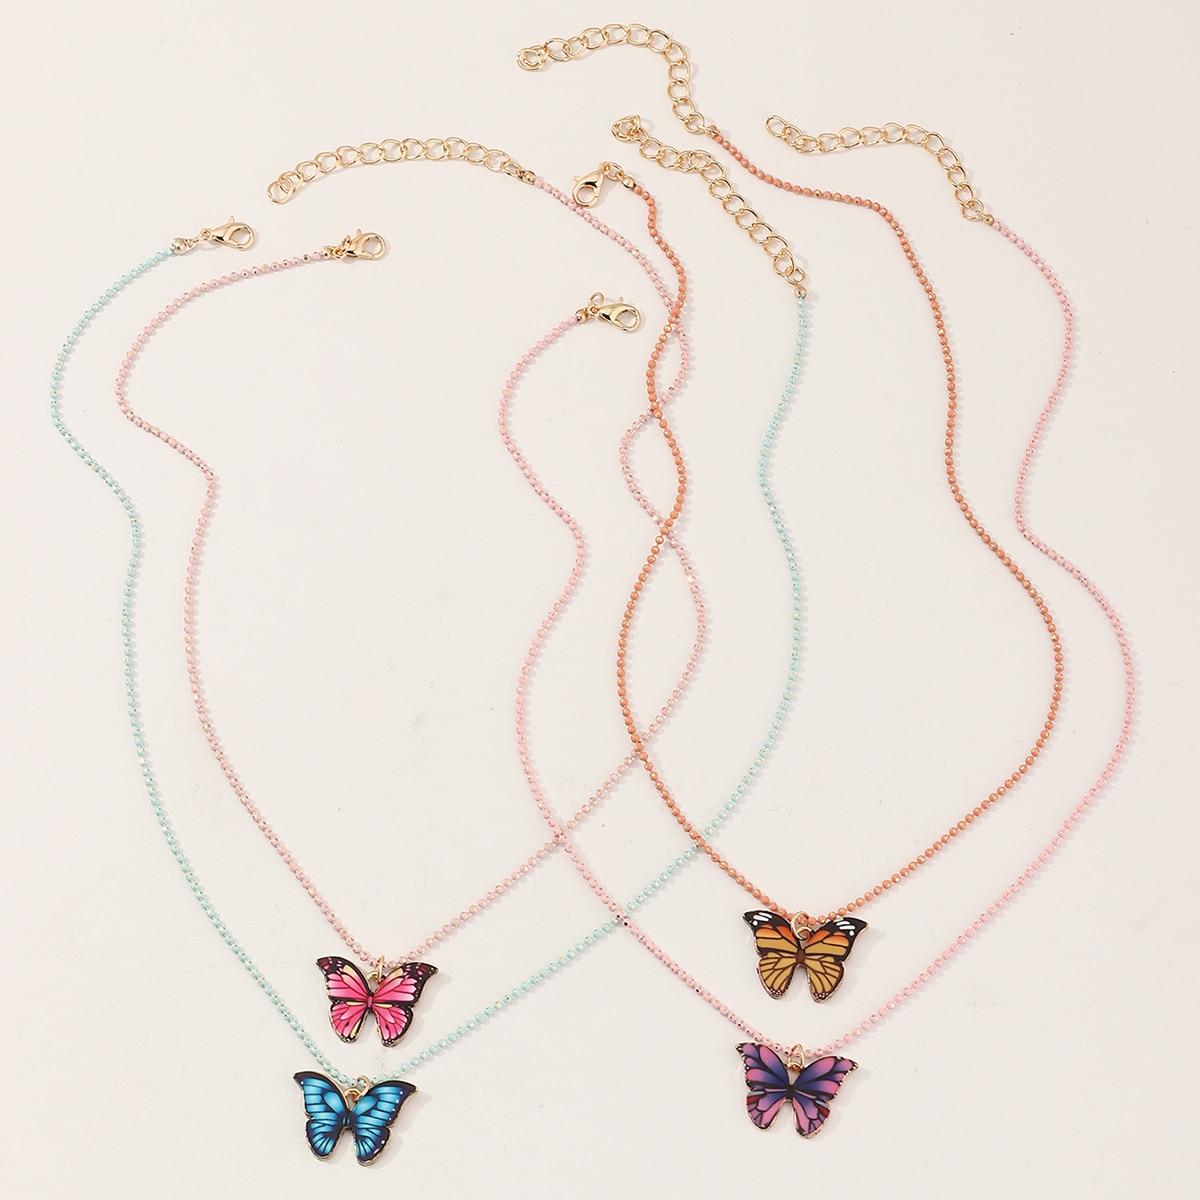 4 Stücke Kleinkind Mädchen Halskette mit Schmetterling Anhänger und Perlen